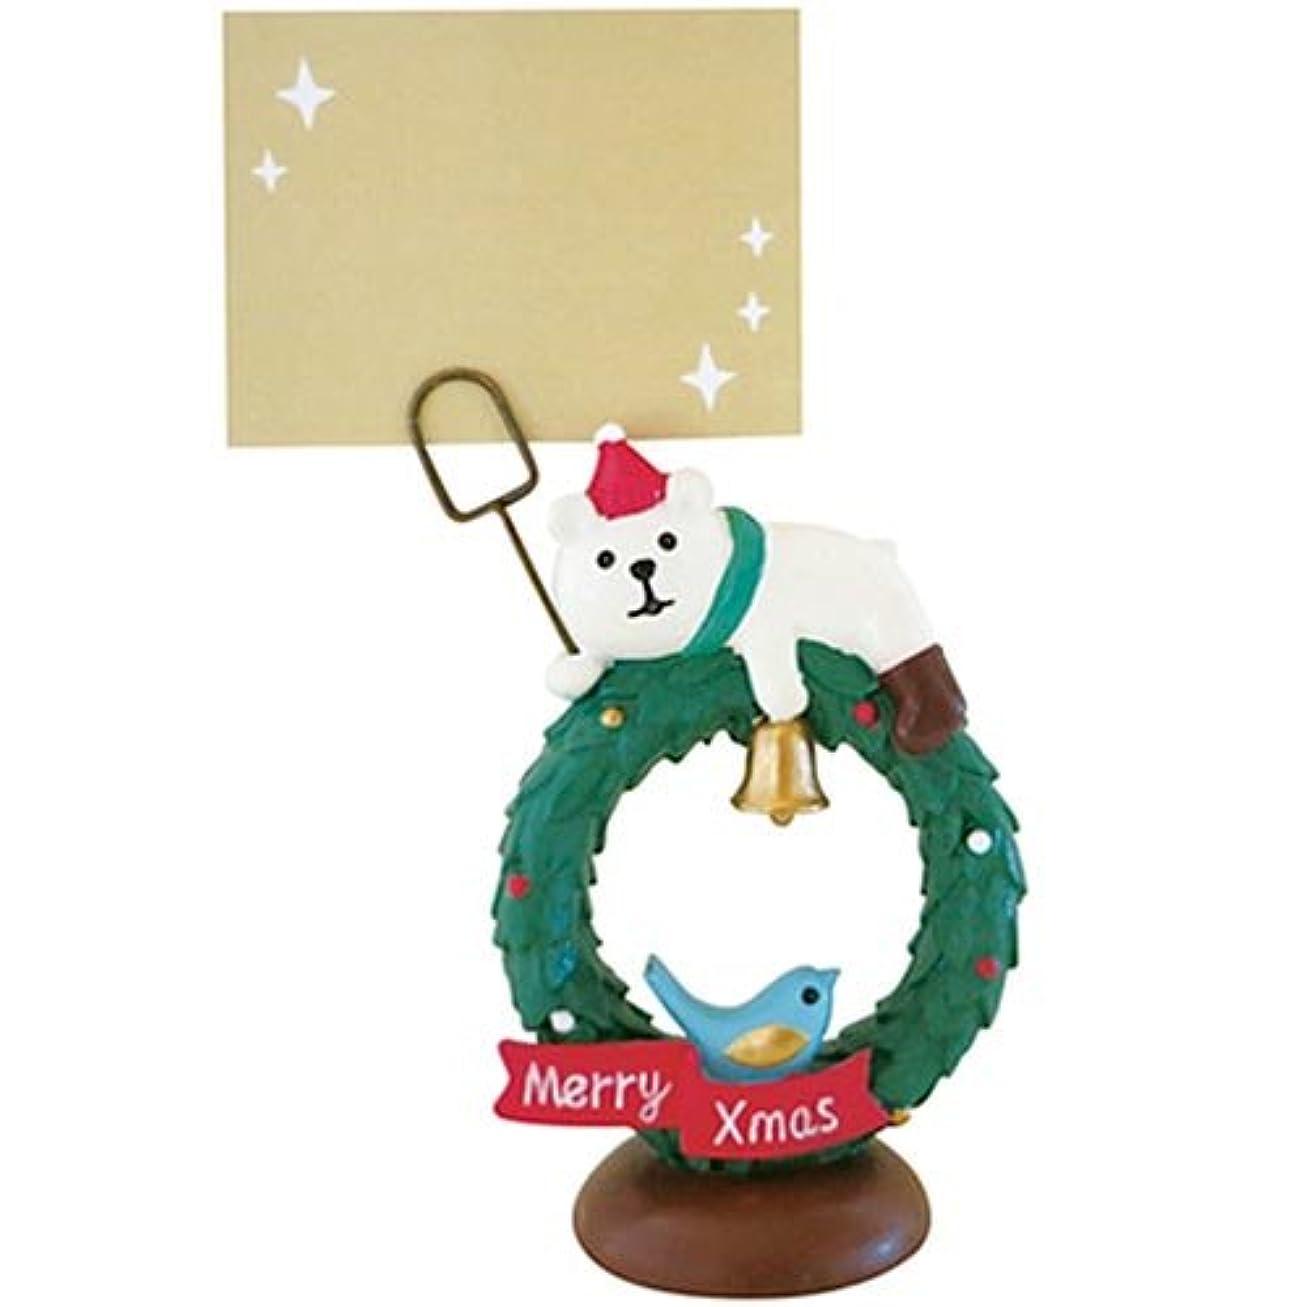 デコレ(decole)コンコンブル(concombre) クリスマスのあいさつカードスタンド:しろくま